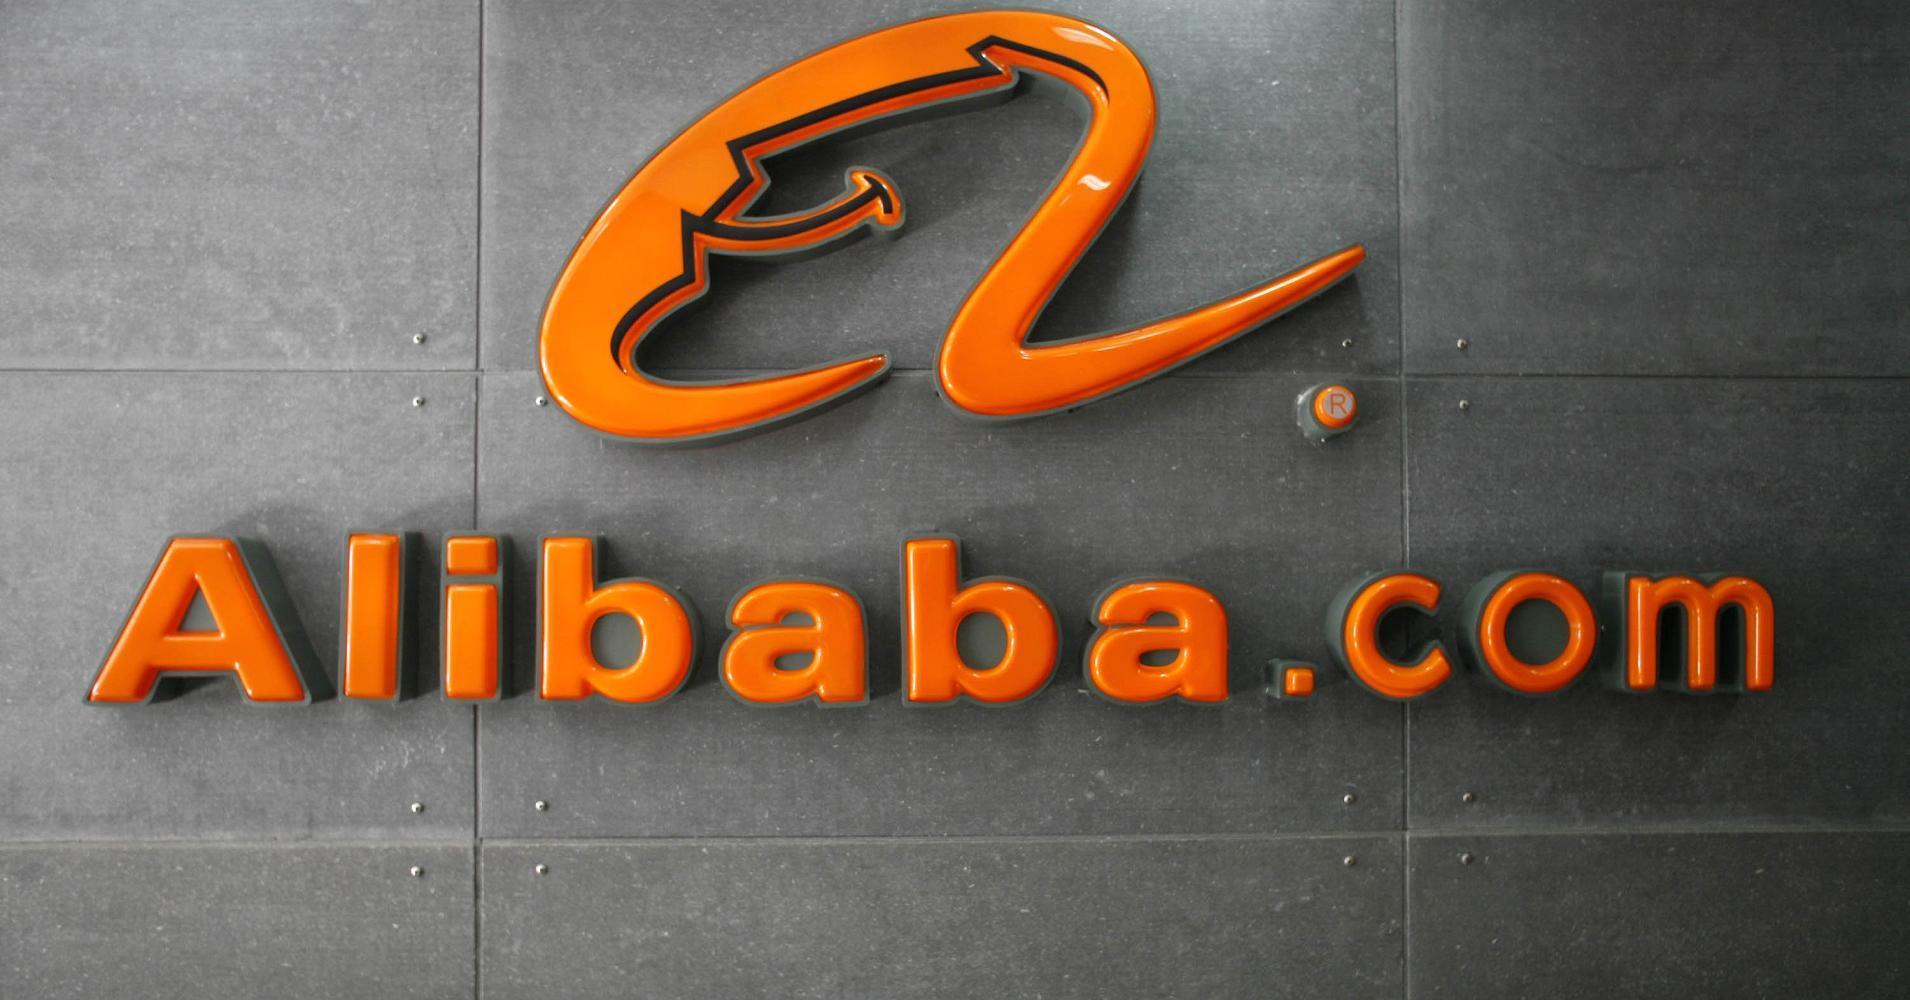 Alibaba планирует взять кредит в 4 миллиарда долларов для расширения своего бизнеса